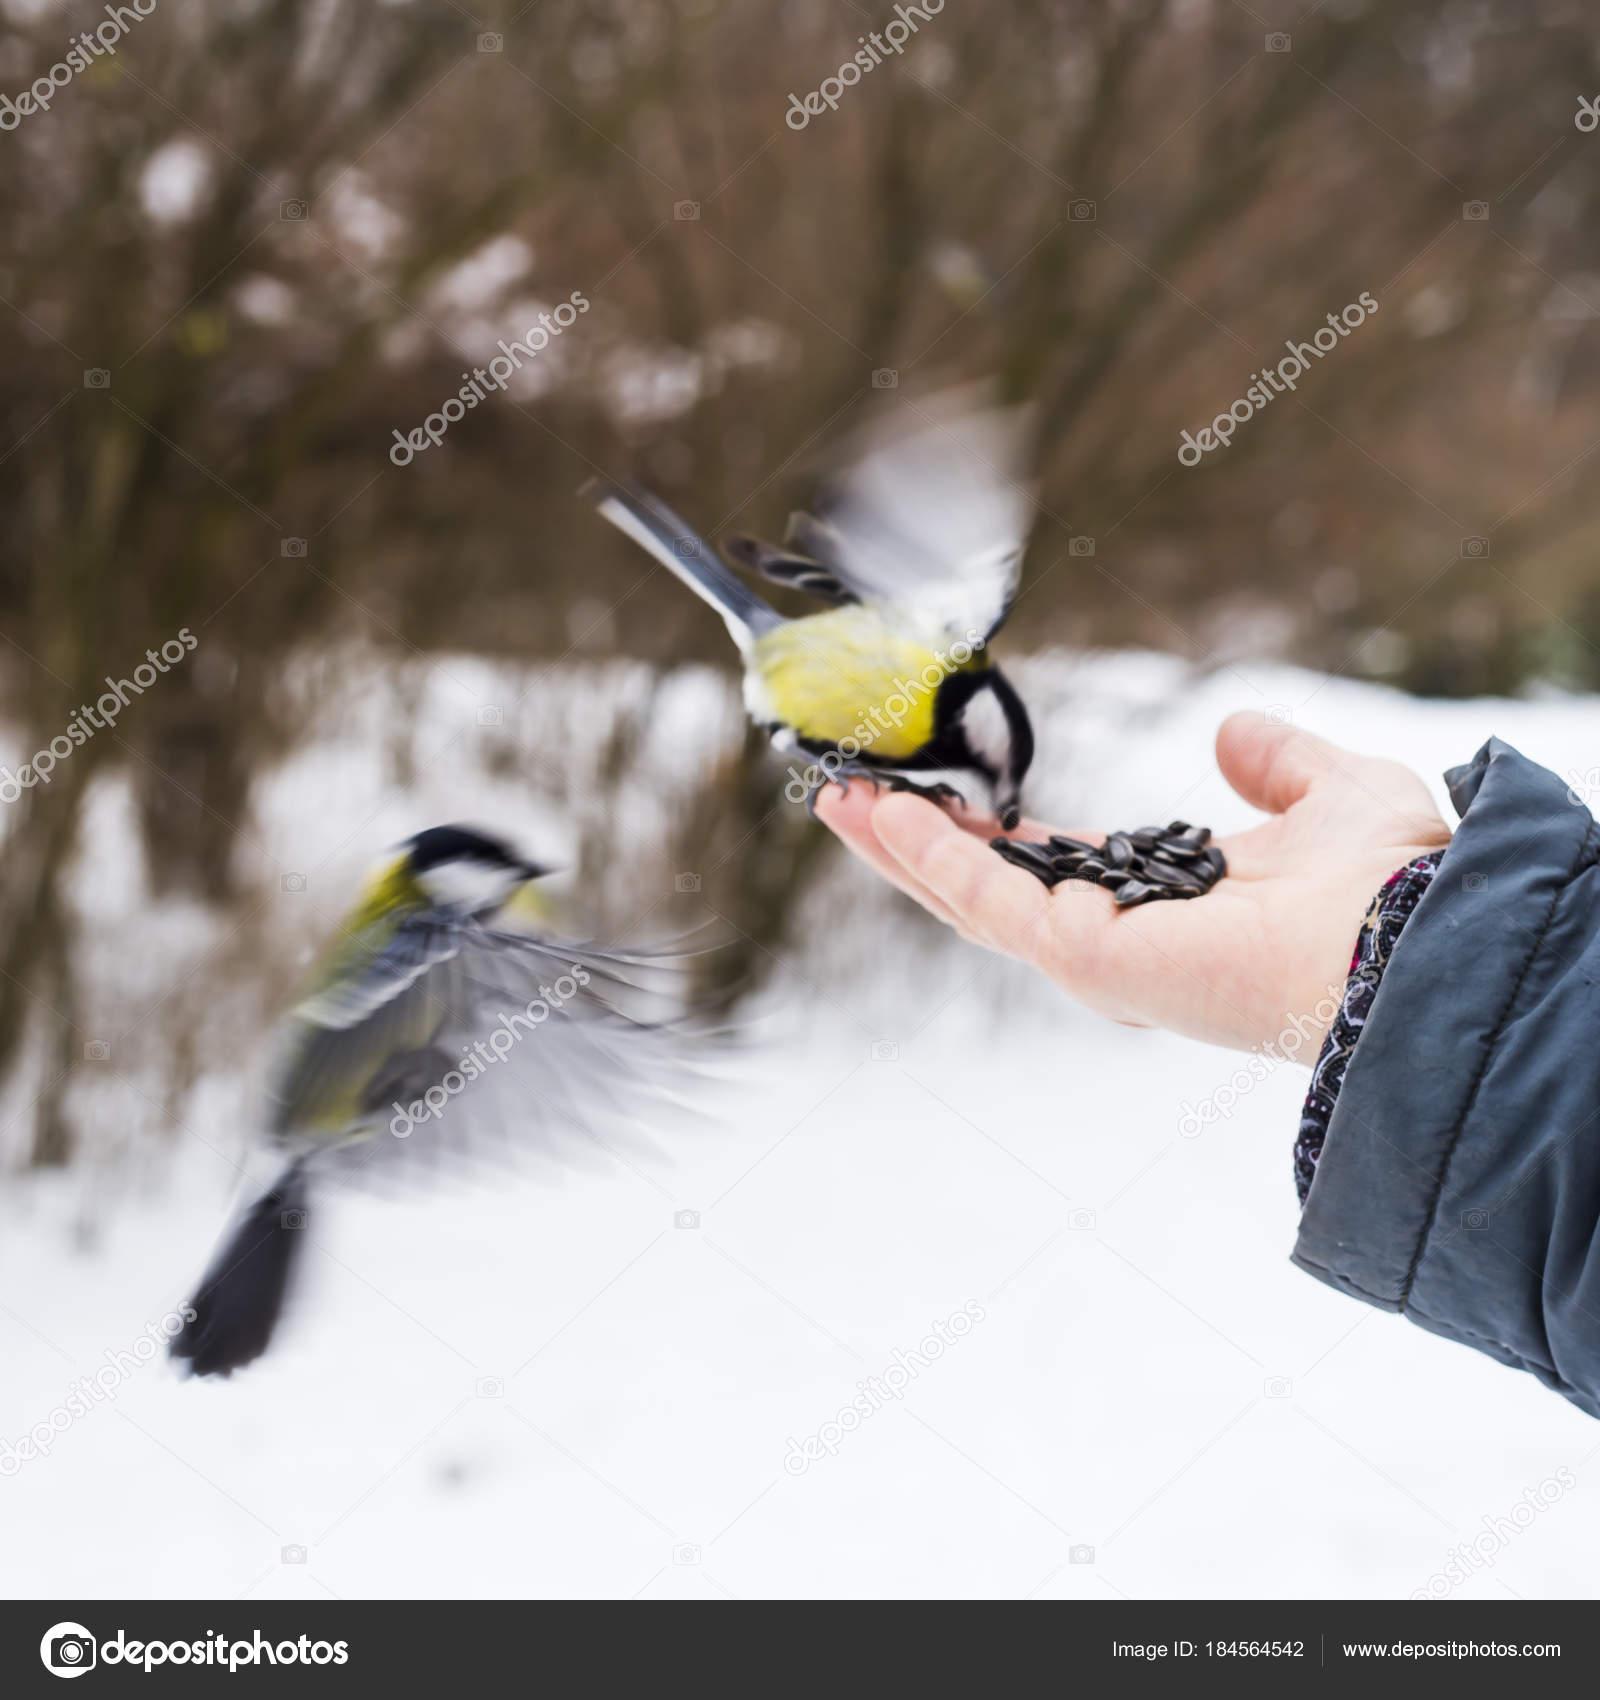 μια εικόνα ενός άντρα πουλί Νικόλ Σέρινταν πορνό